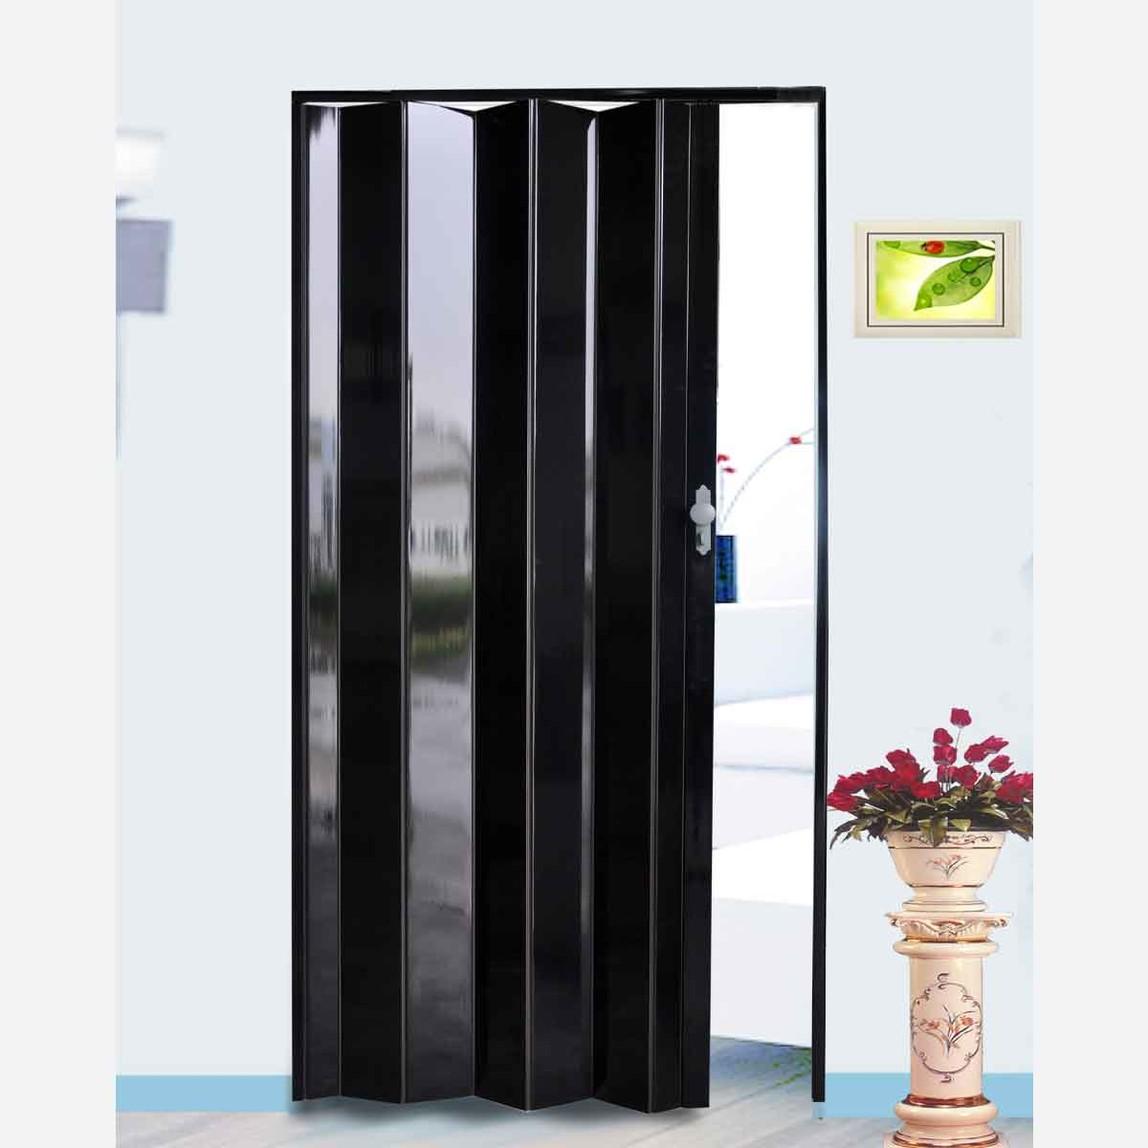 Highgloss Akordiyon Kapı Siyah Kilitli Kol